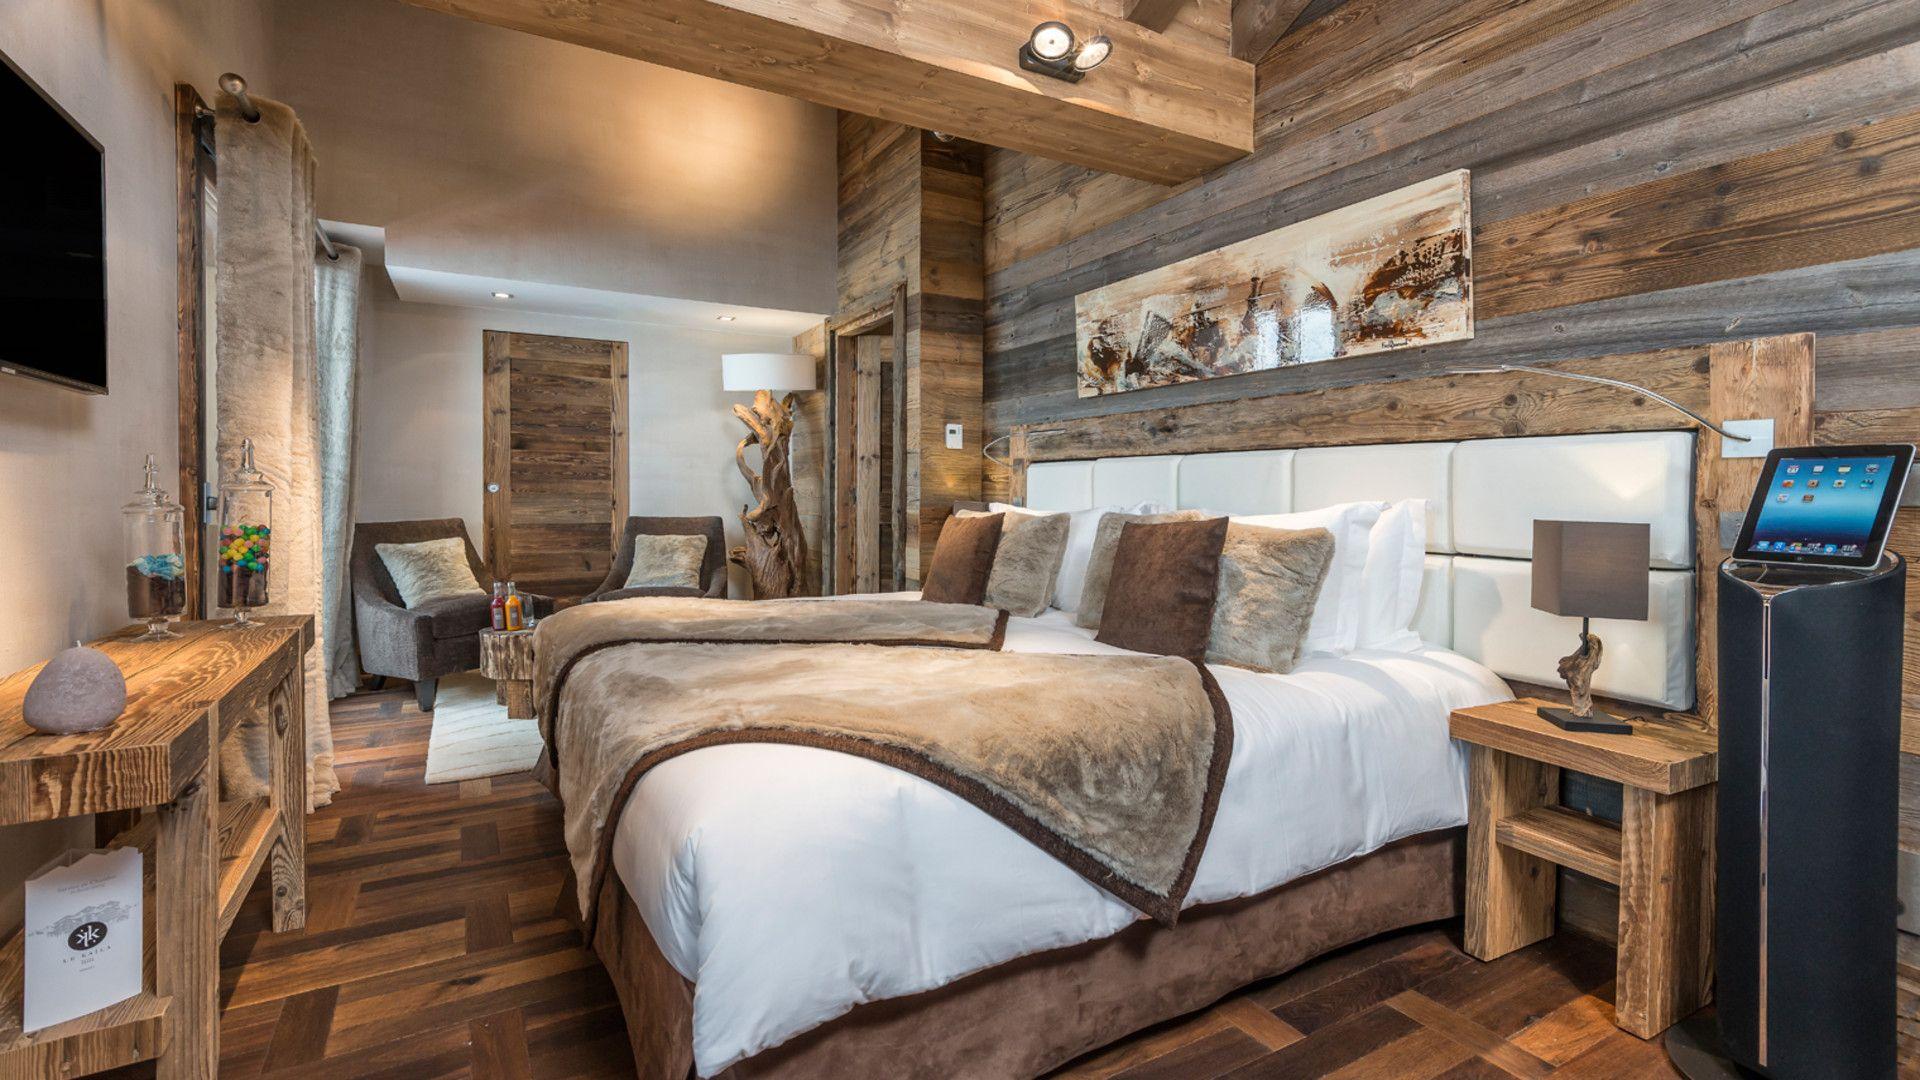 Chambres et suites 20 étoiles à Méribel - Hôtel Le Kaïla en Savoie